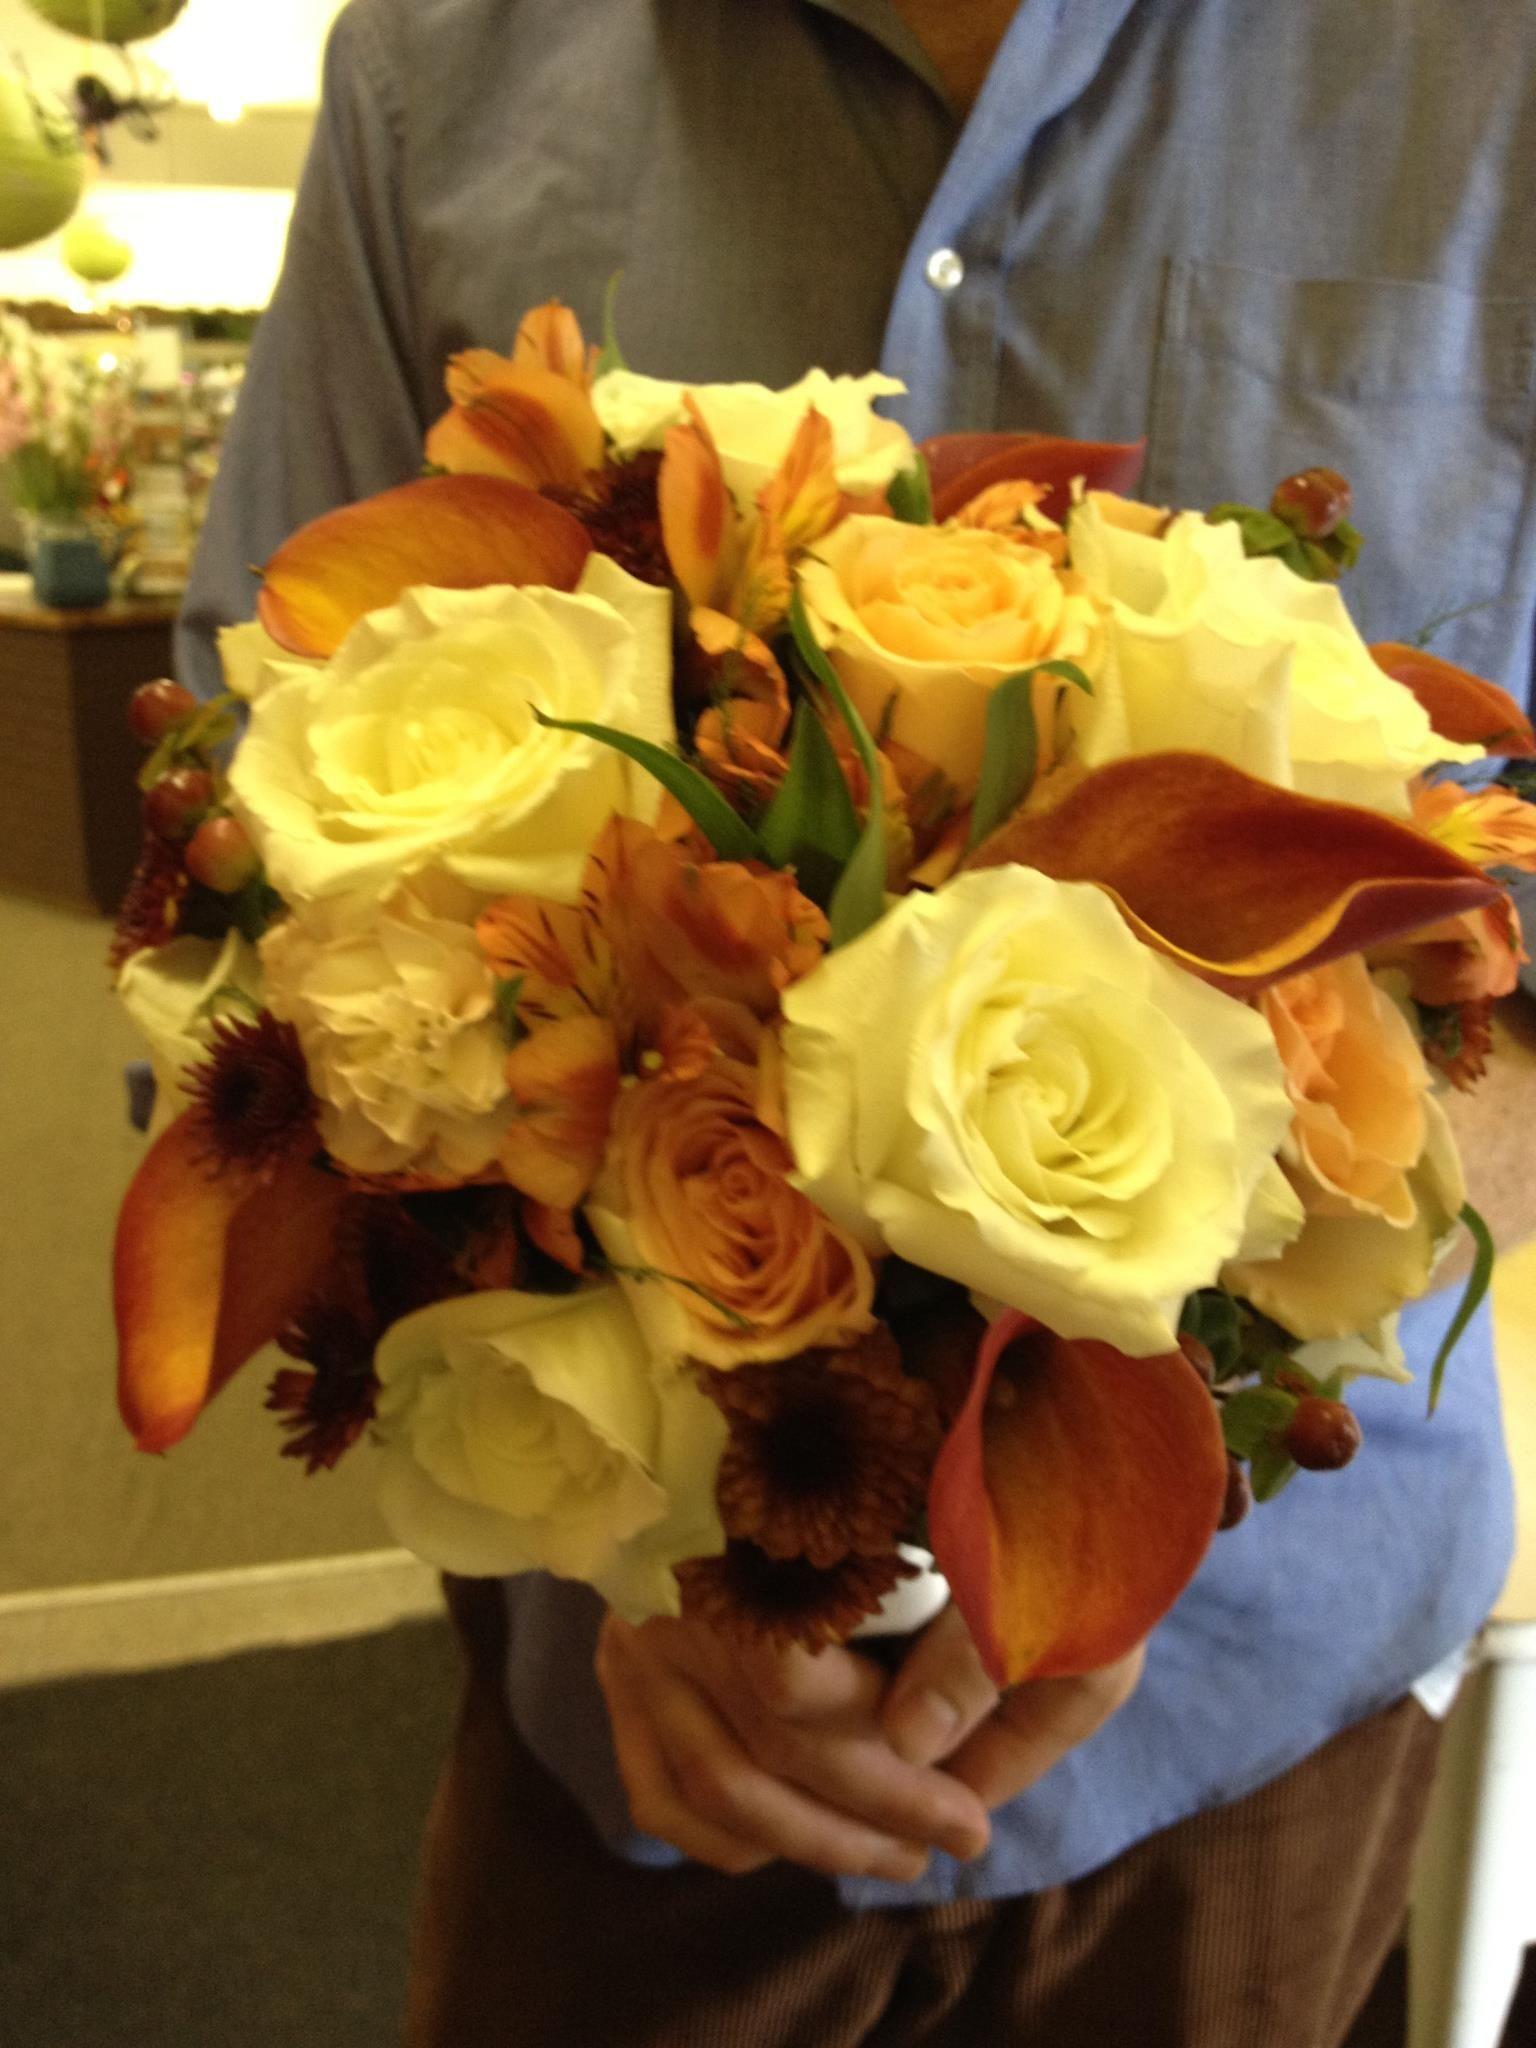 Fall bouquet of white roses, orange calla lilies, orange alstroemeria, orange roses, and hypericum berries